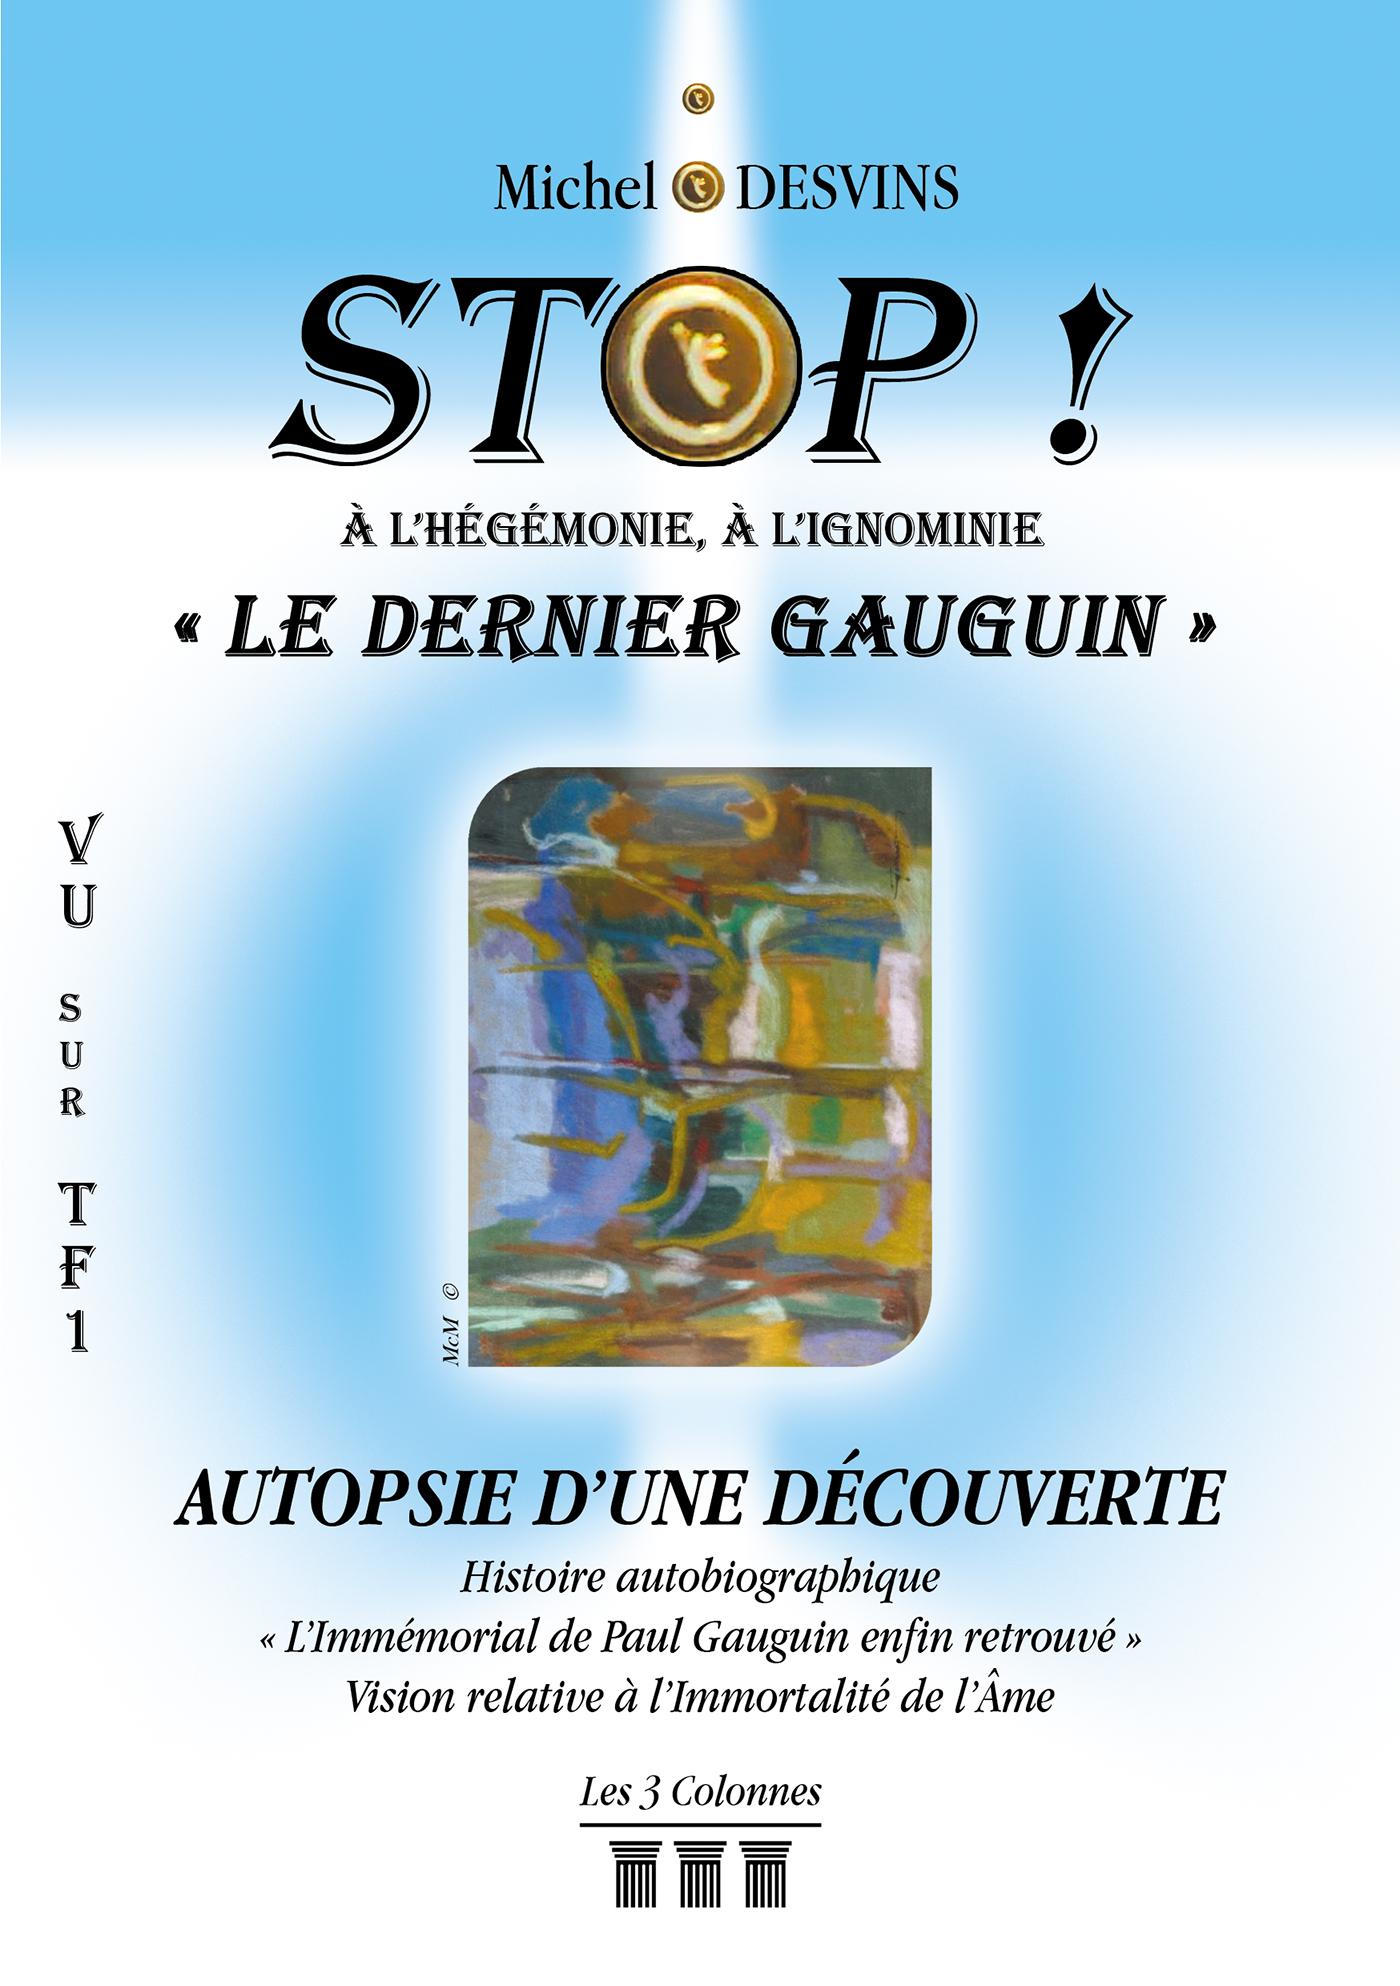 STOP ! - Michel Desvins